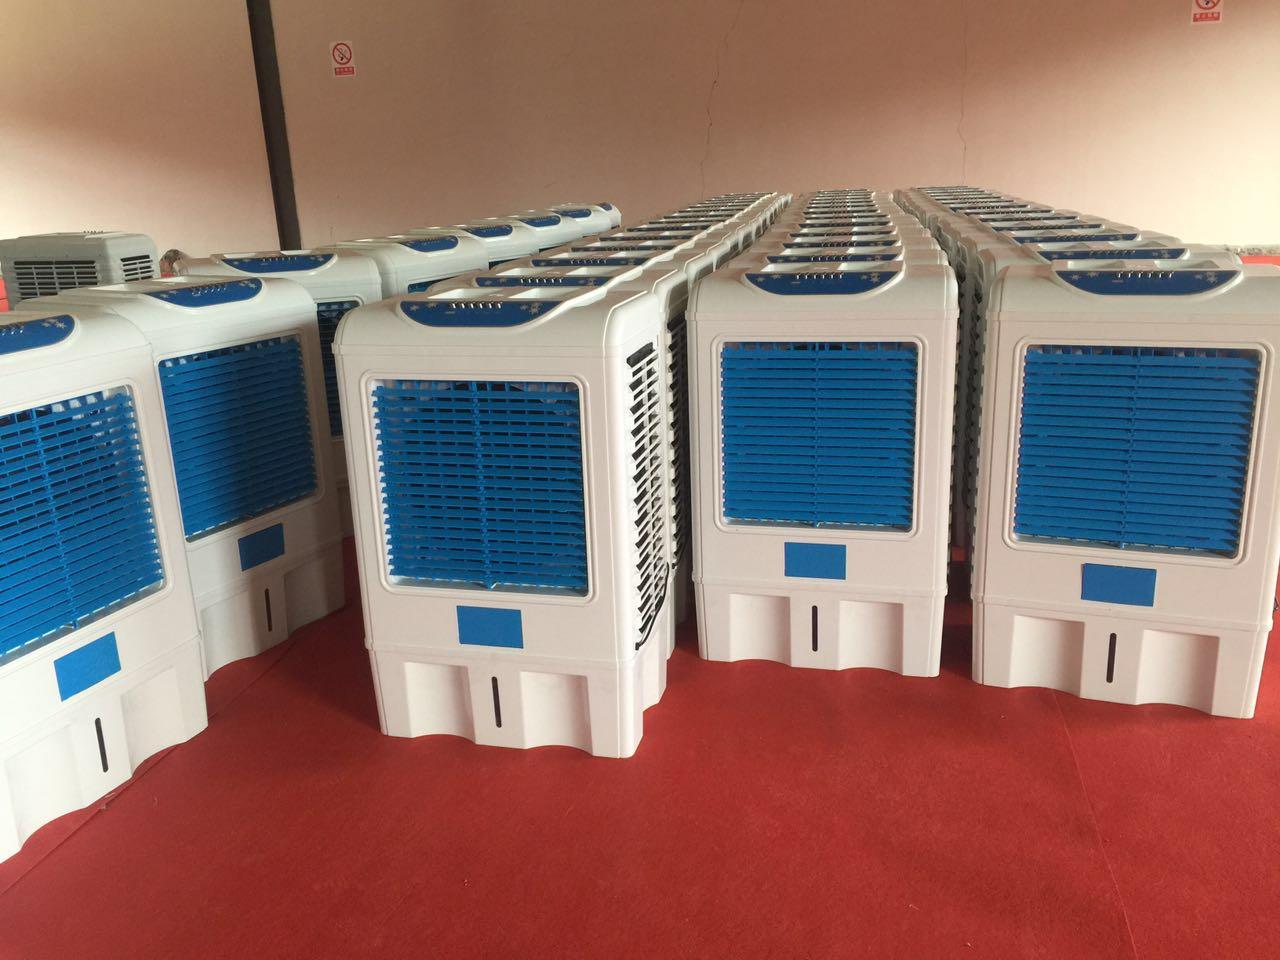 Wind und nassen vorhang zhuji Haushalt mobile lüfter Umweltschutz ALS klimaanlage kühlung fernbedienung drei speed - fan